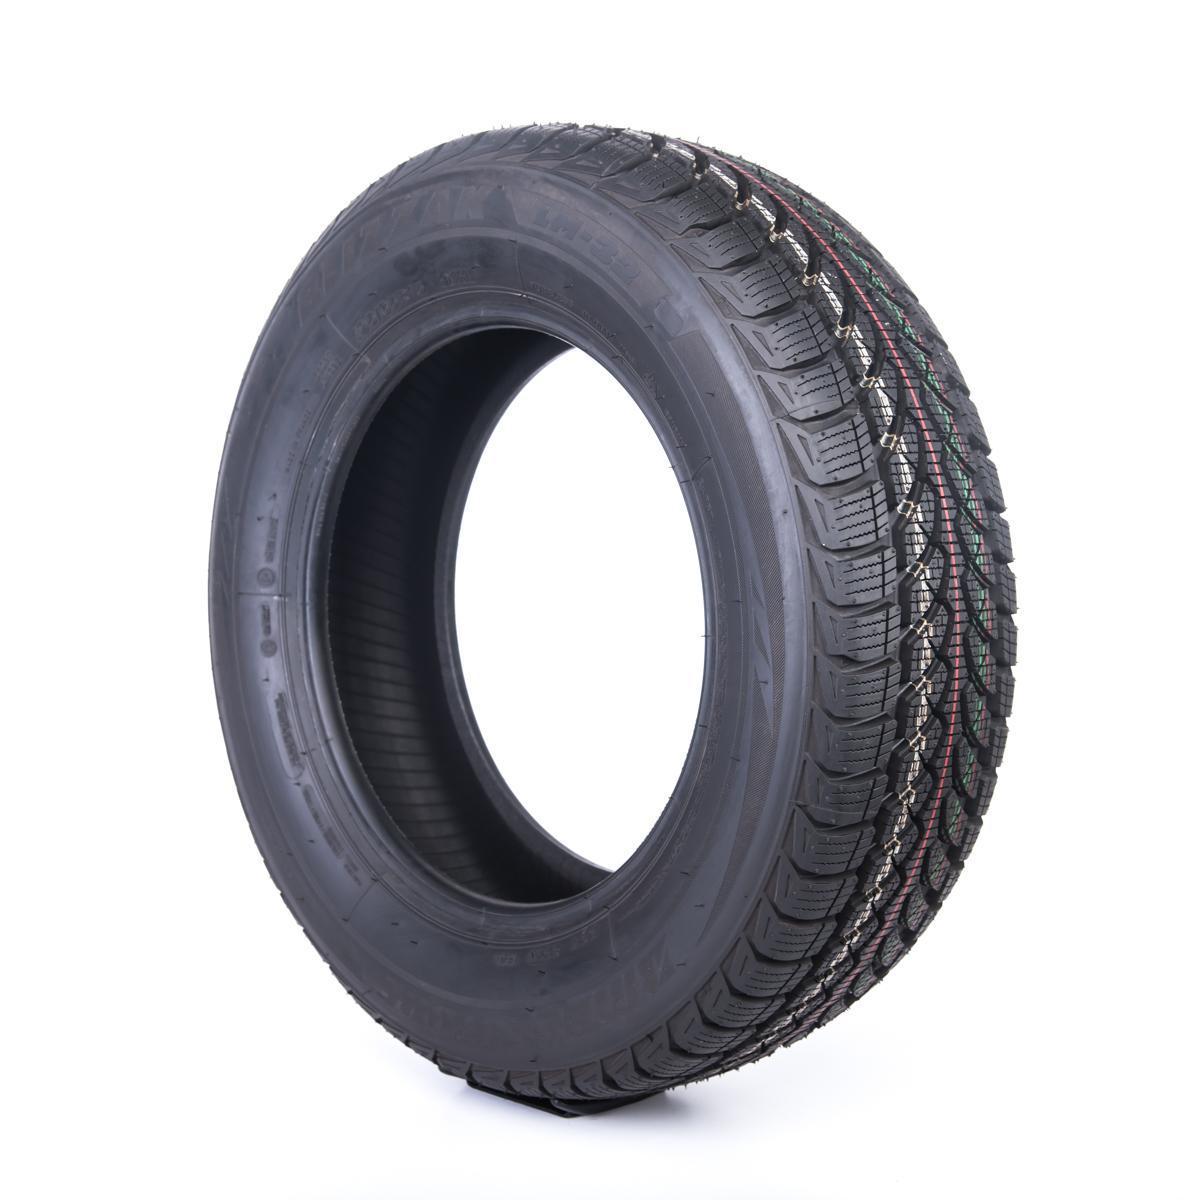 Opony Bridgestone Blizzak Lm32 19565 R15 91h Zimowe Wysyłka 24h